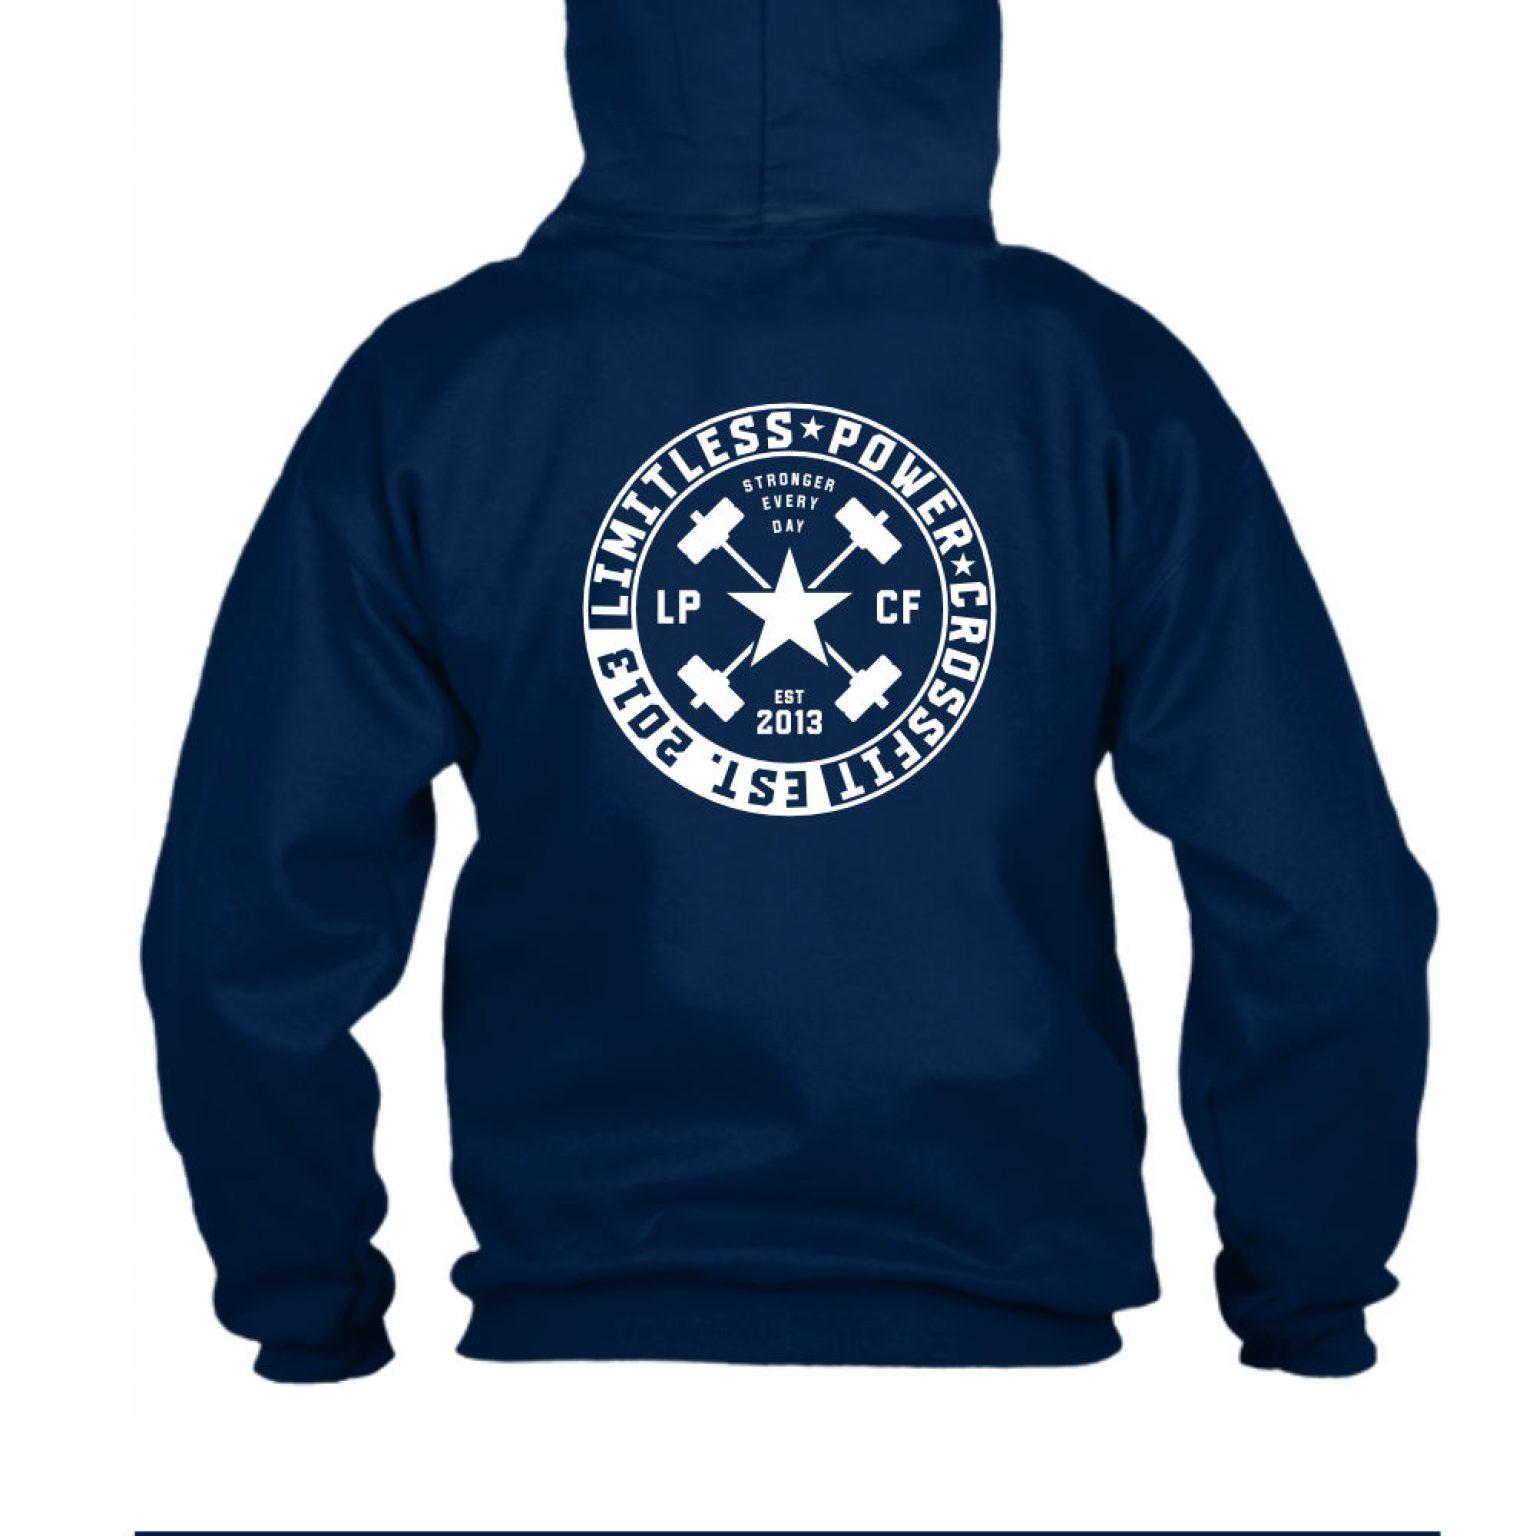 LPcircle hoodie navy back